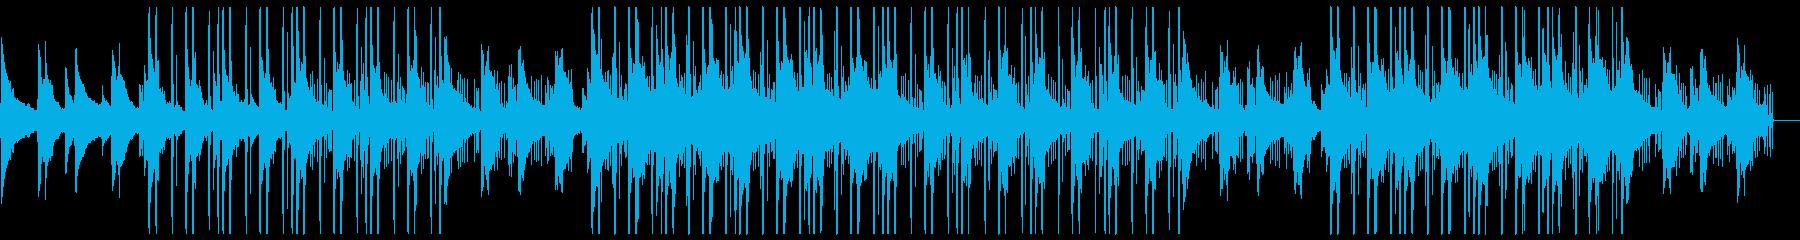 感動的・切ない・春に似合うトラップソウルの再生済みの波形